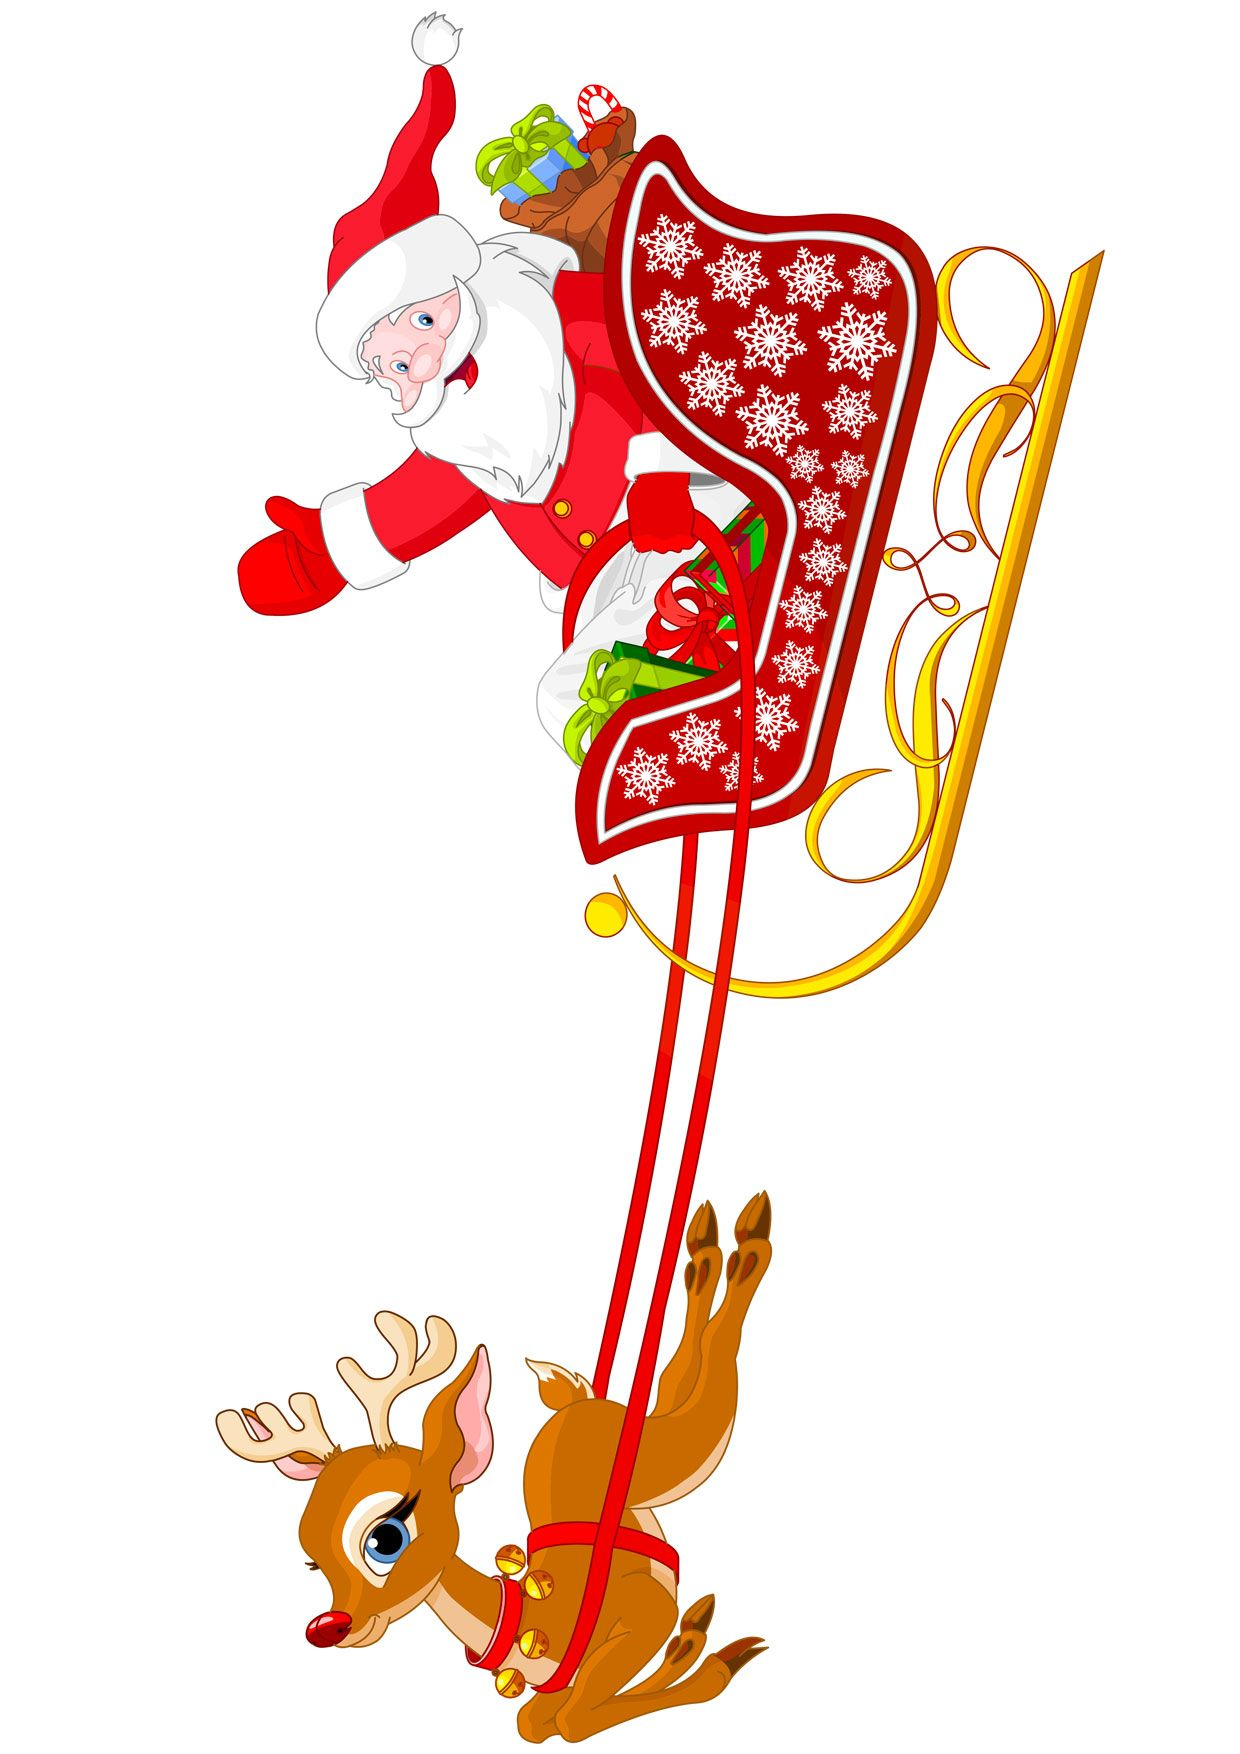 Immagini Di Natale Da Stampare Gia Colorate.30 Disegni Di Babbo Natale Gia Colorati Da Stampare Natale